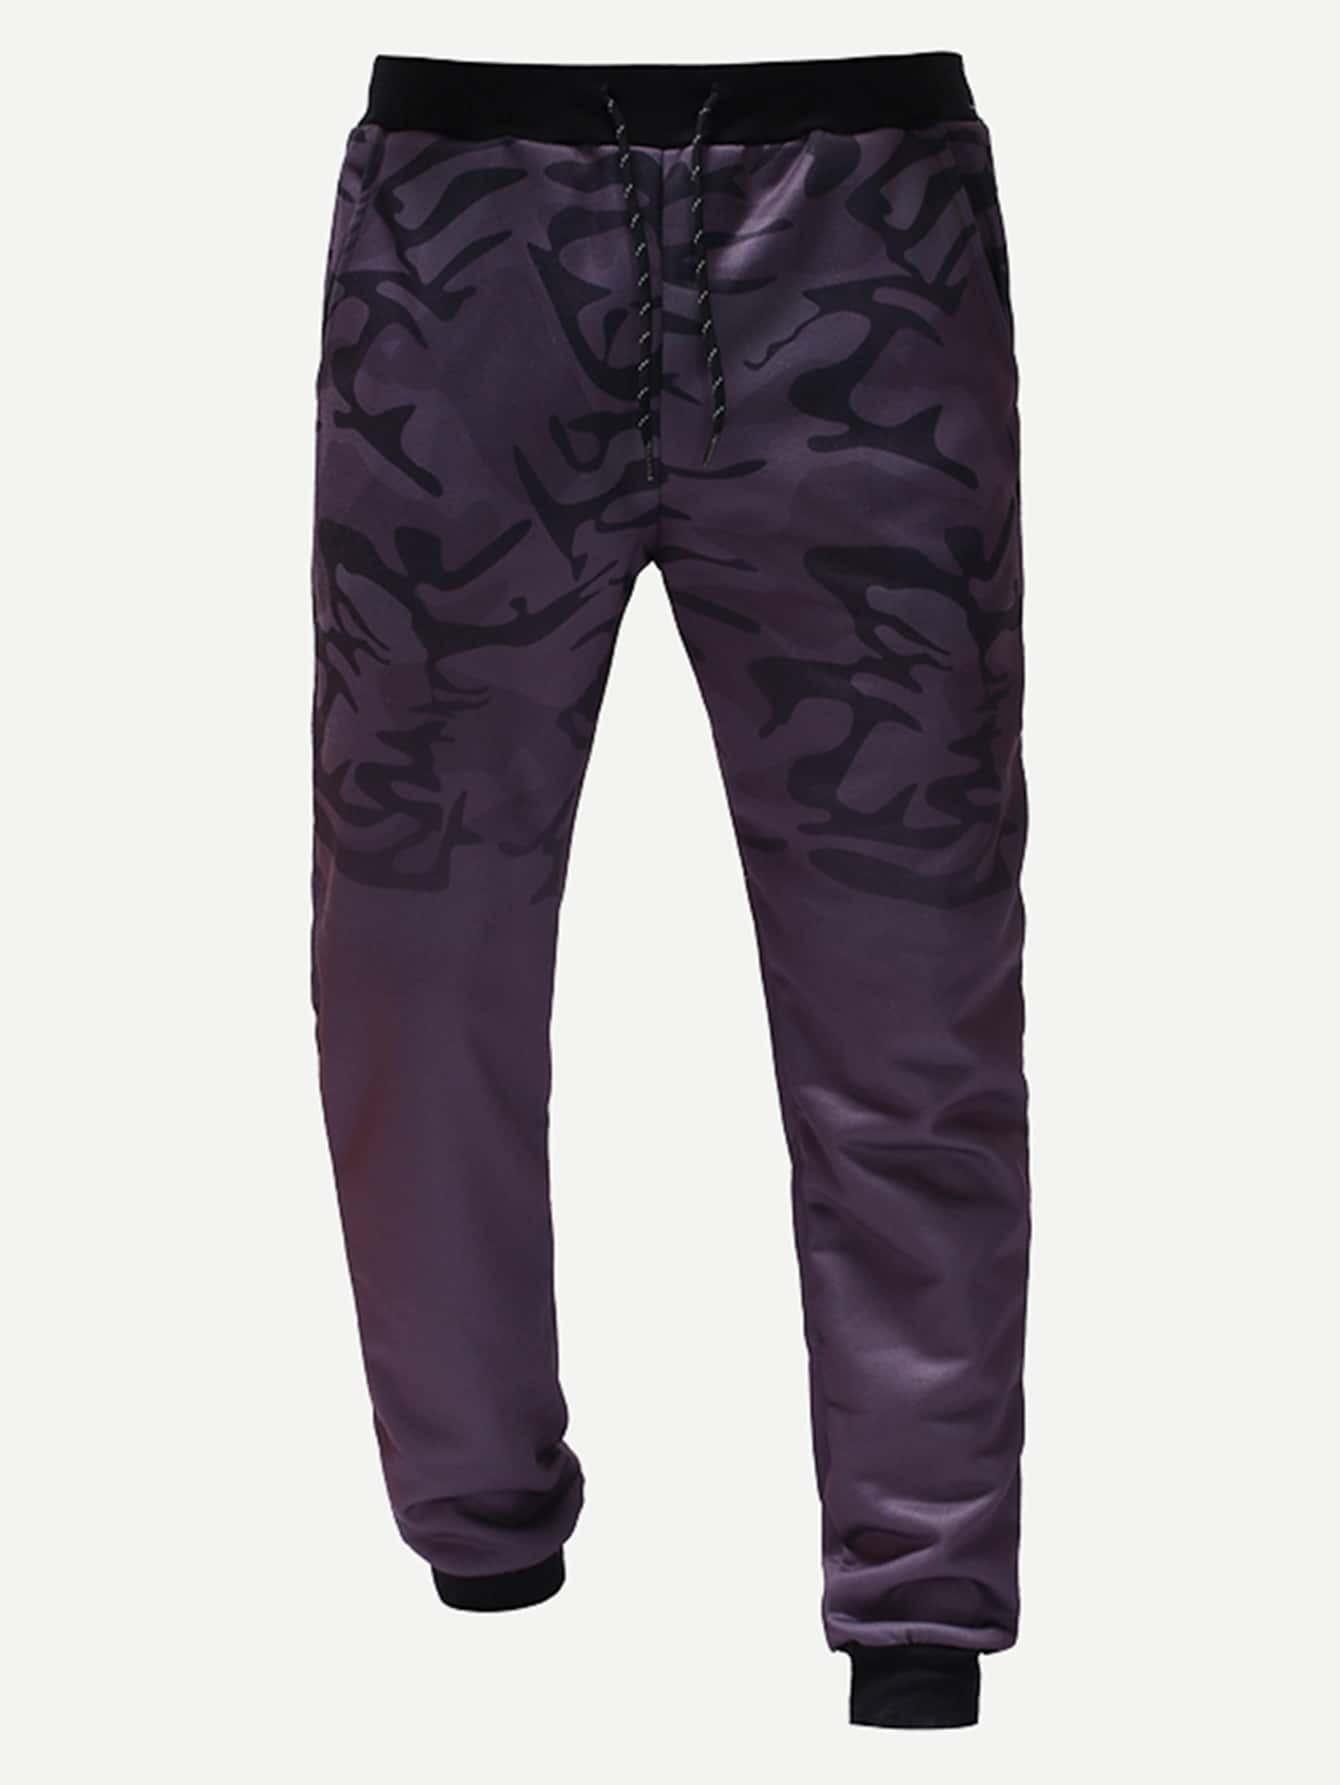 Купить Мужские спортивные брюки с камуфляжным принтом, null, SheIn